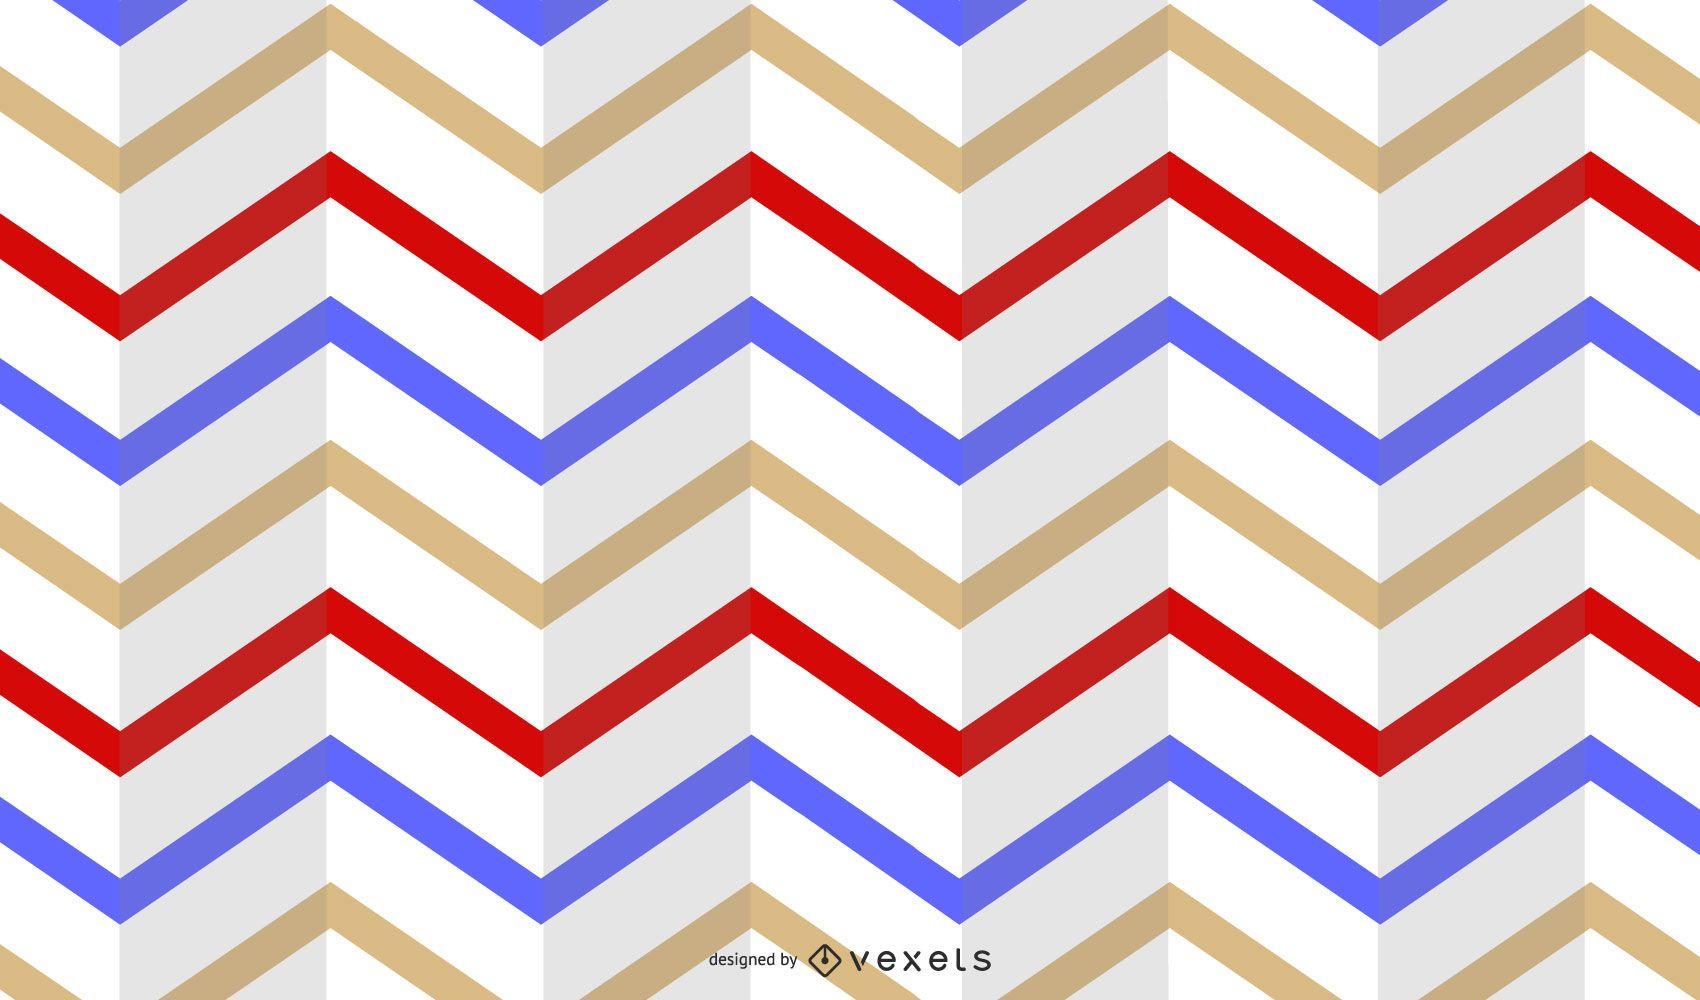 Patrón retro multicolor de rayas horizontales plegadas